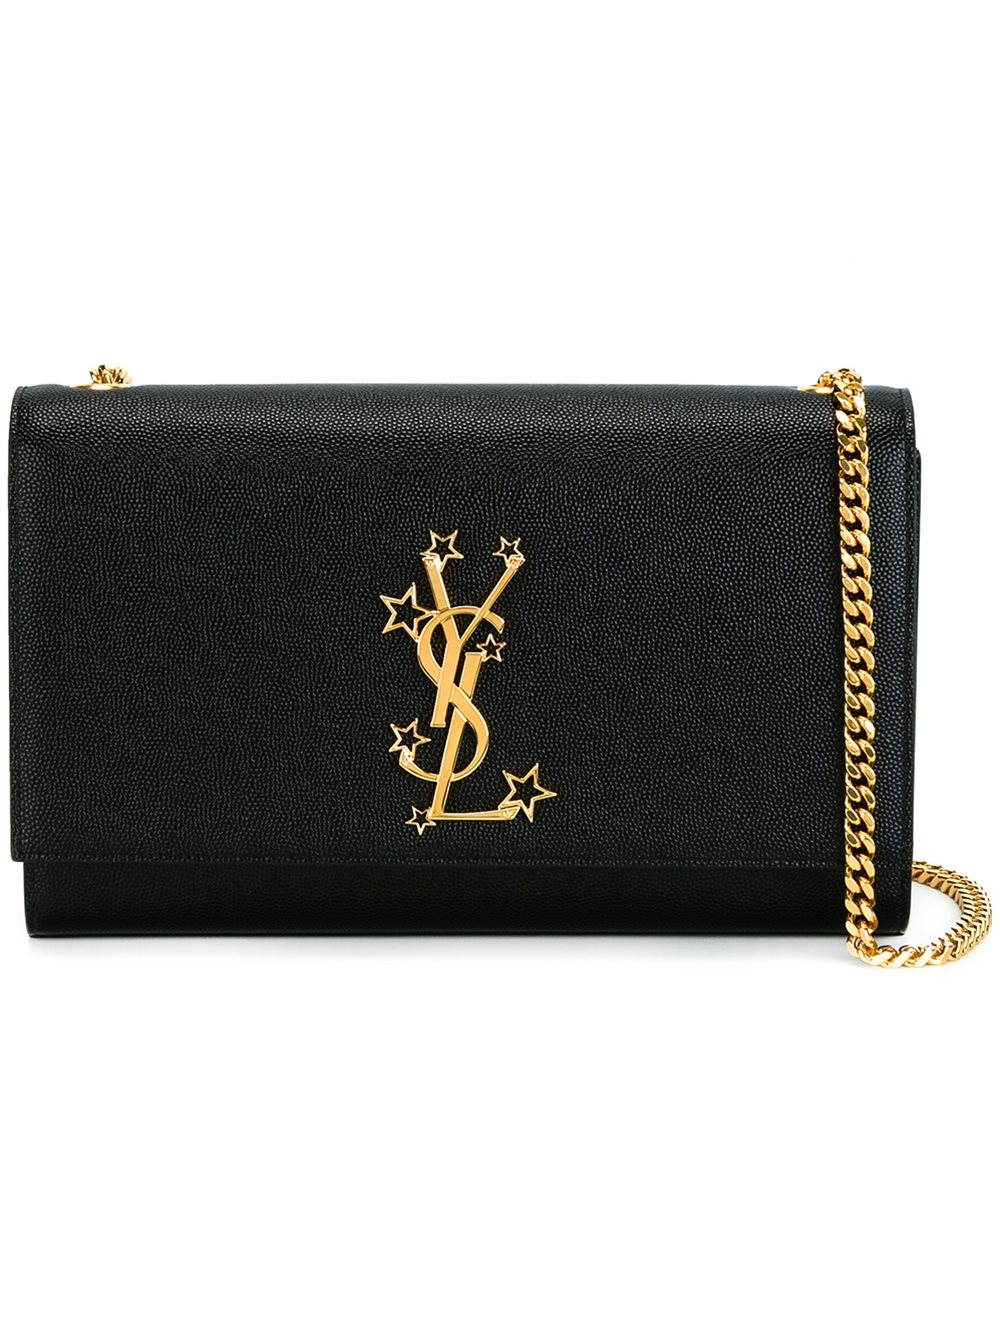 Yves Saint Laurent Handbag Sale | Yves Saint Laurent Handbags | Yves Saint Laurent Designer